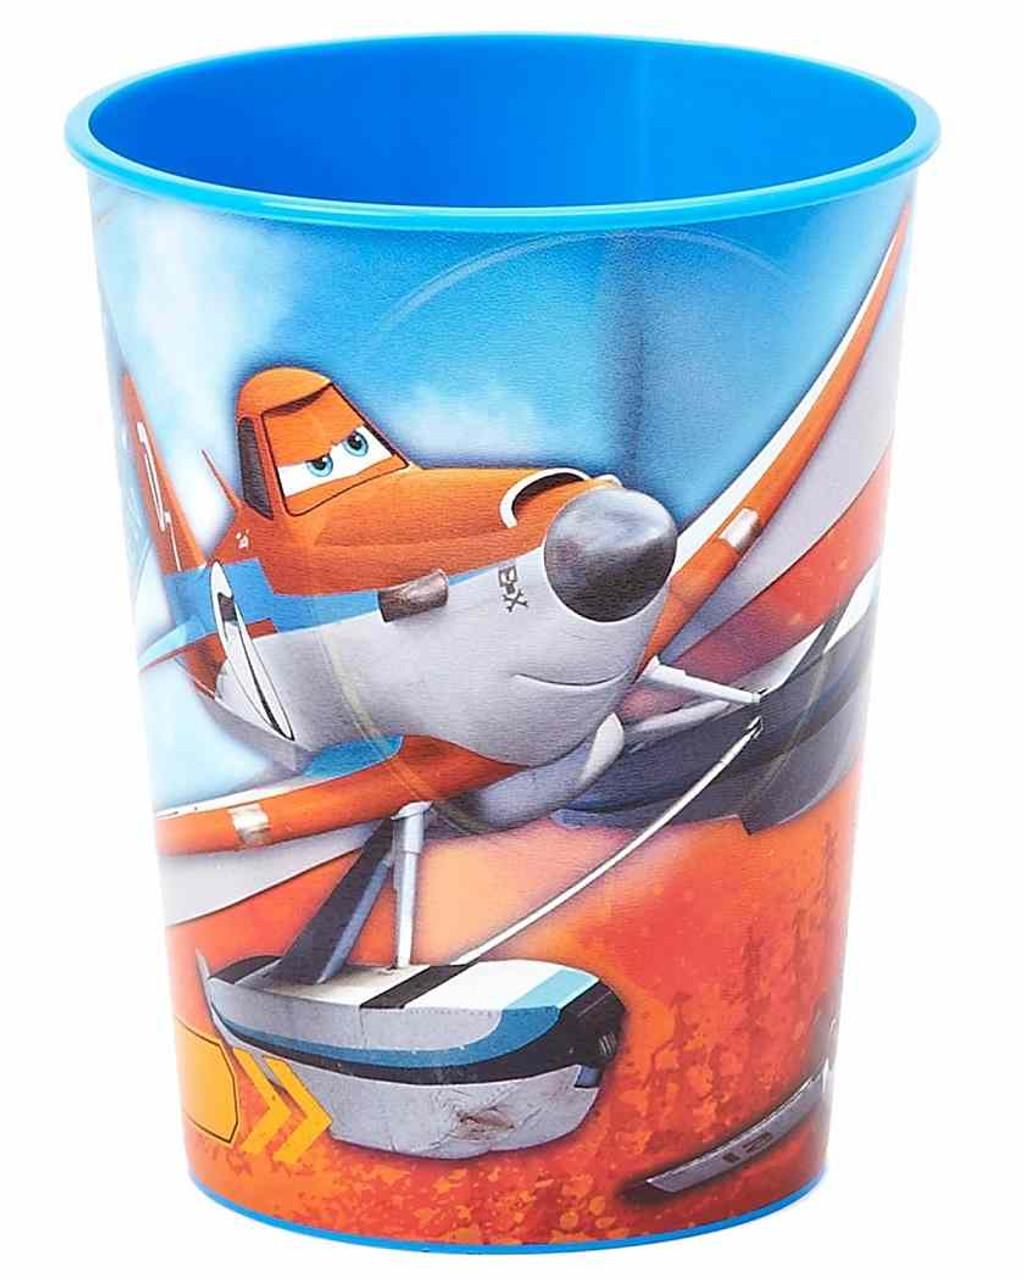 Party Favor Disney Planes 2 Pencils